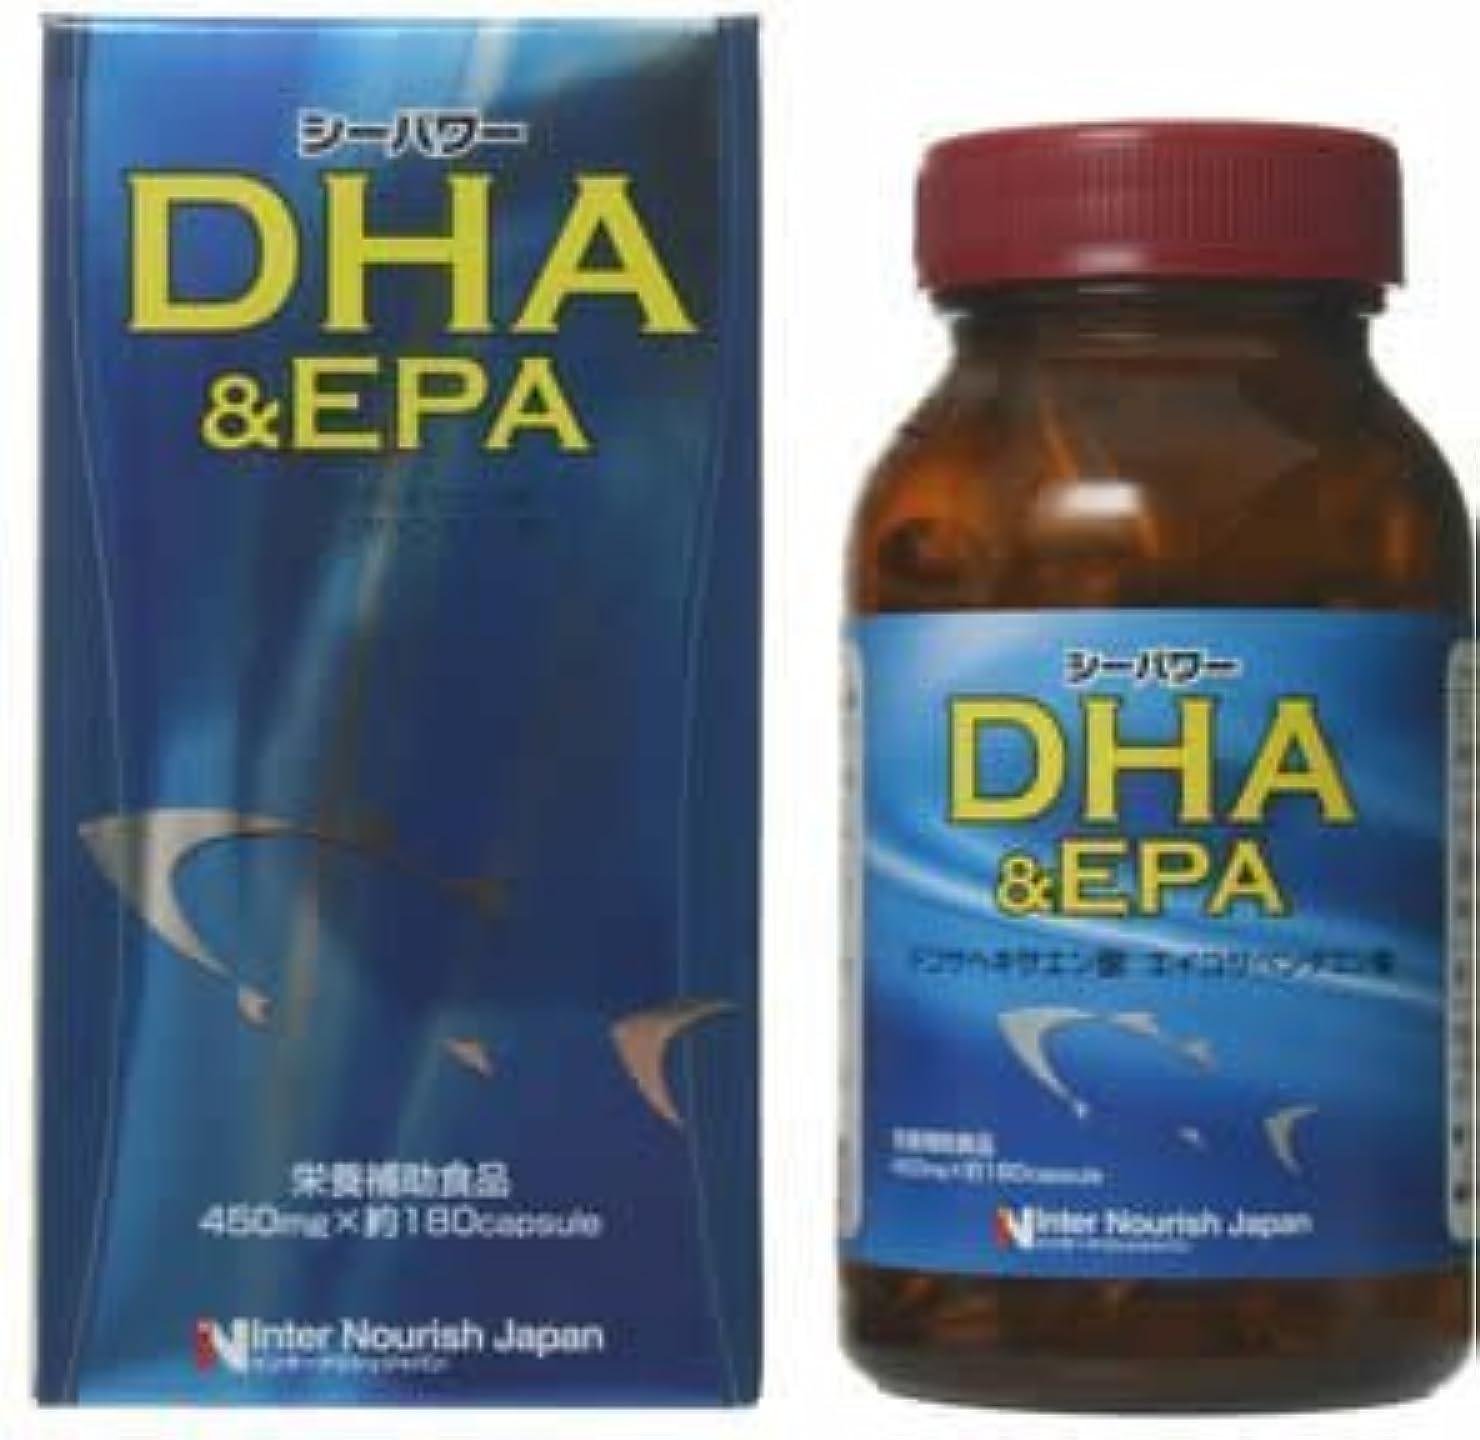 夜少数モナリザシーパワーDHA+EPA 450mg×180粒